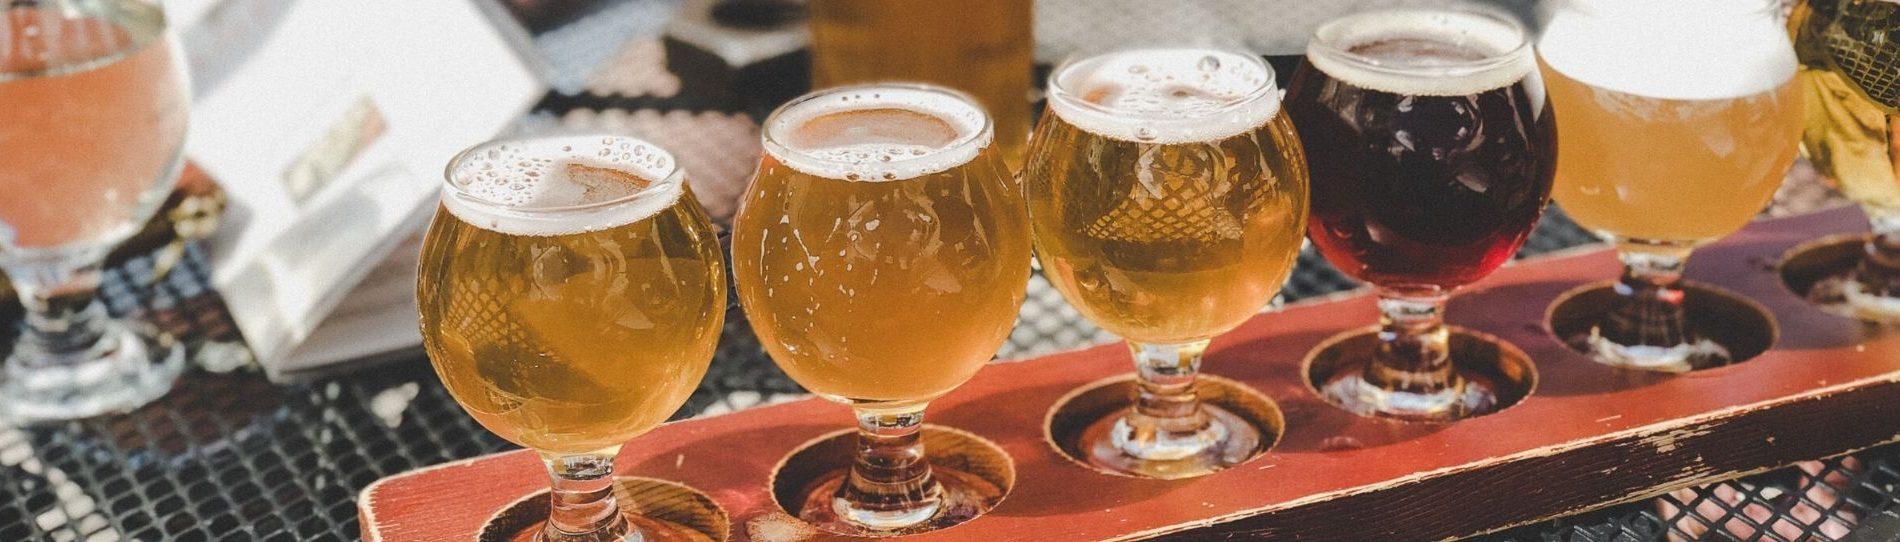 wanaka bucks brewery tour